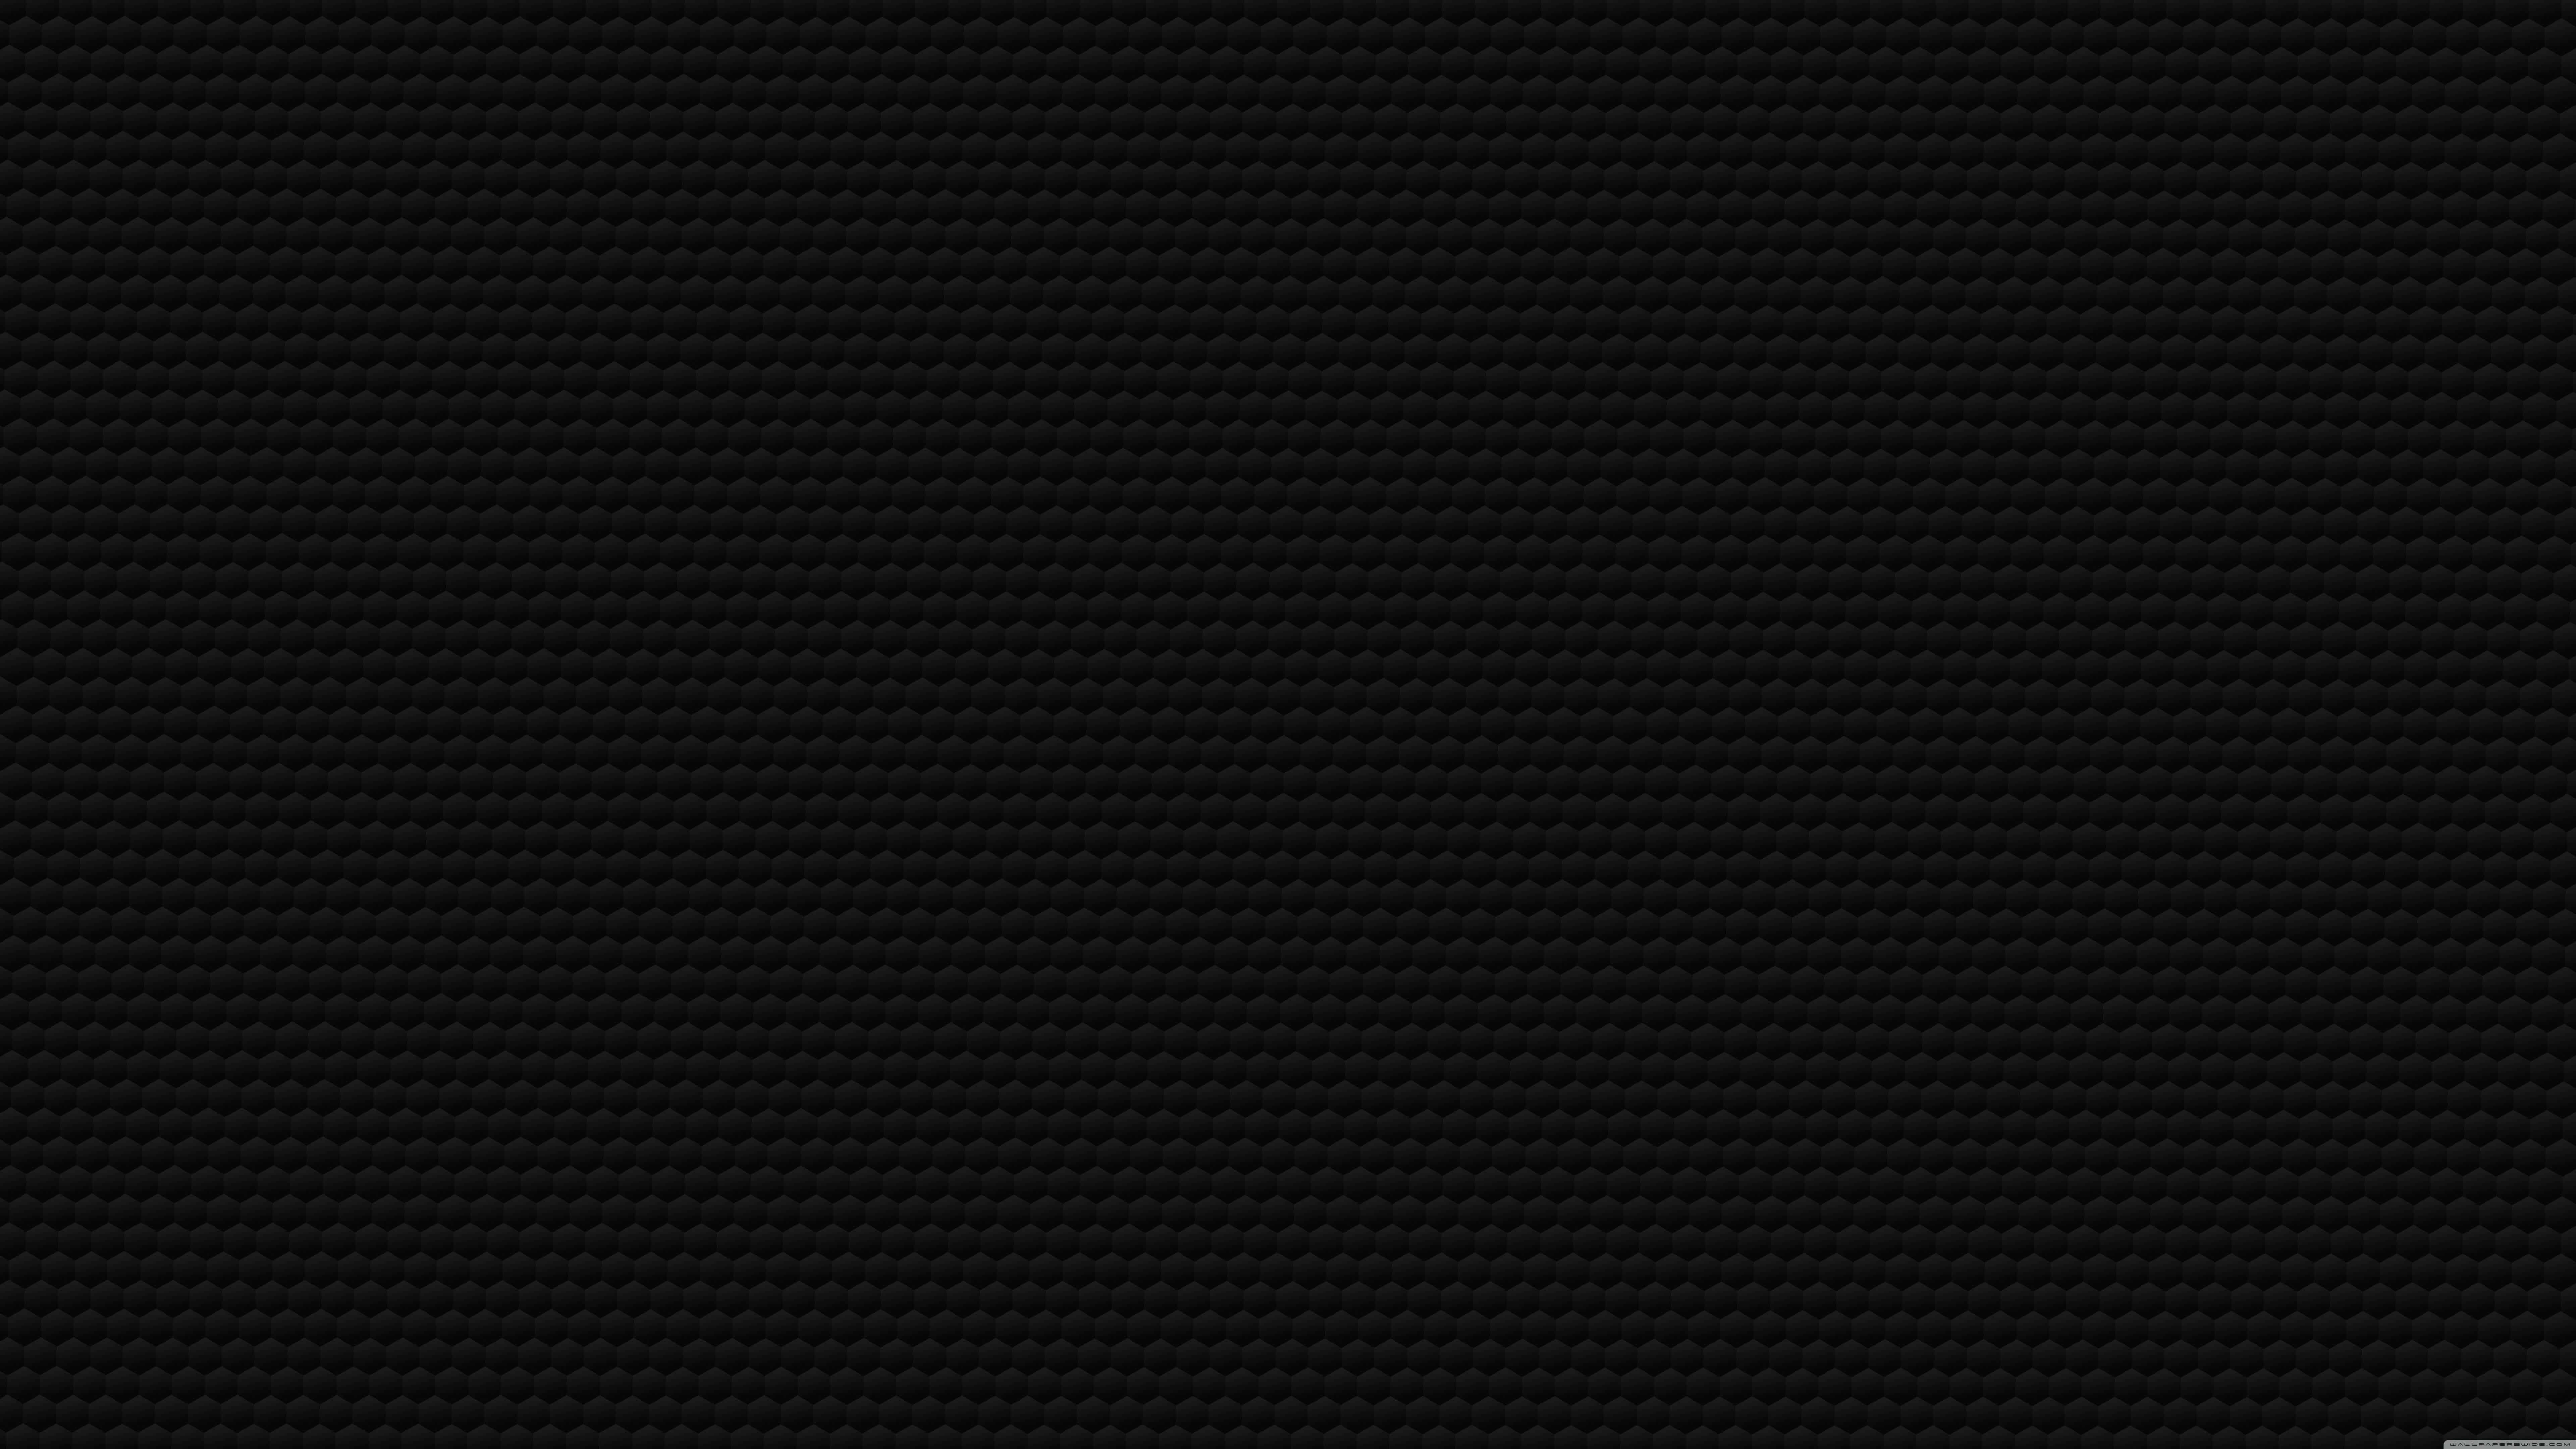 honeycomb design black uhd 8k wallpaper